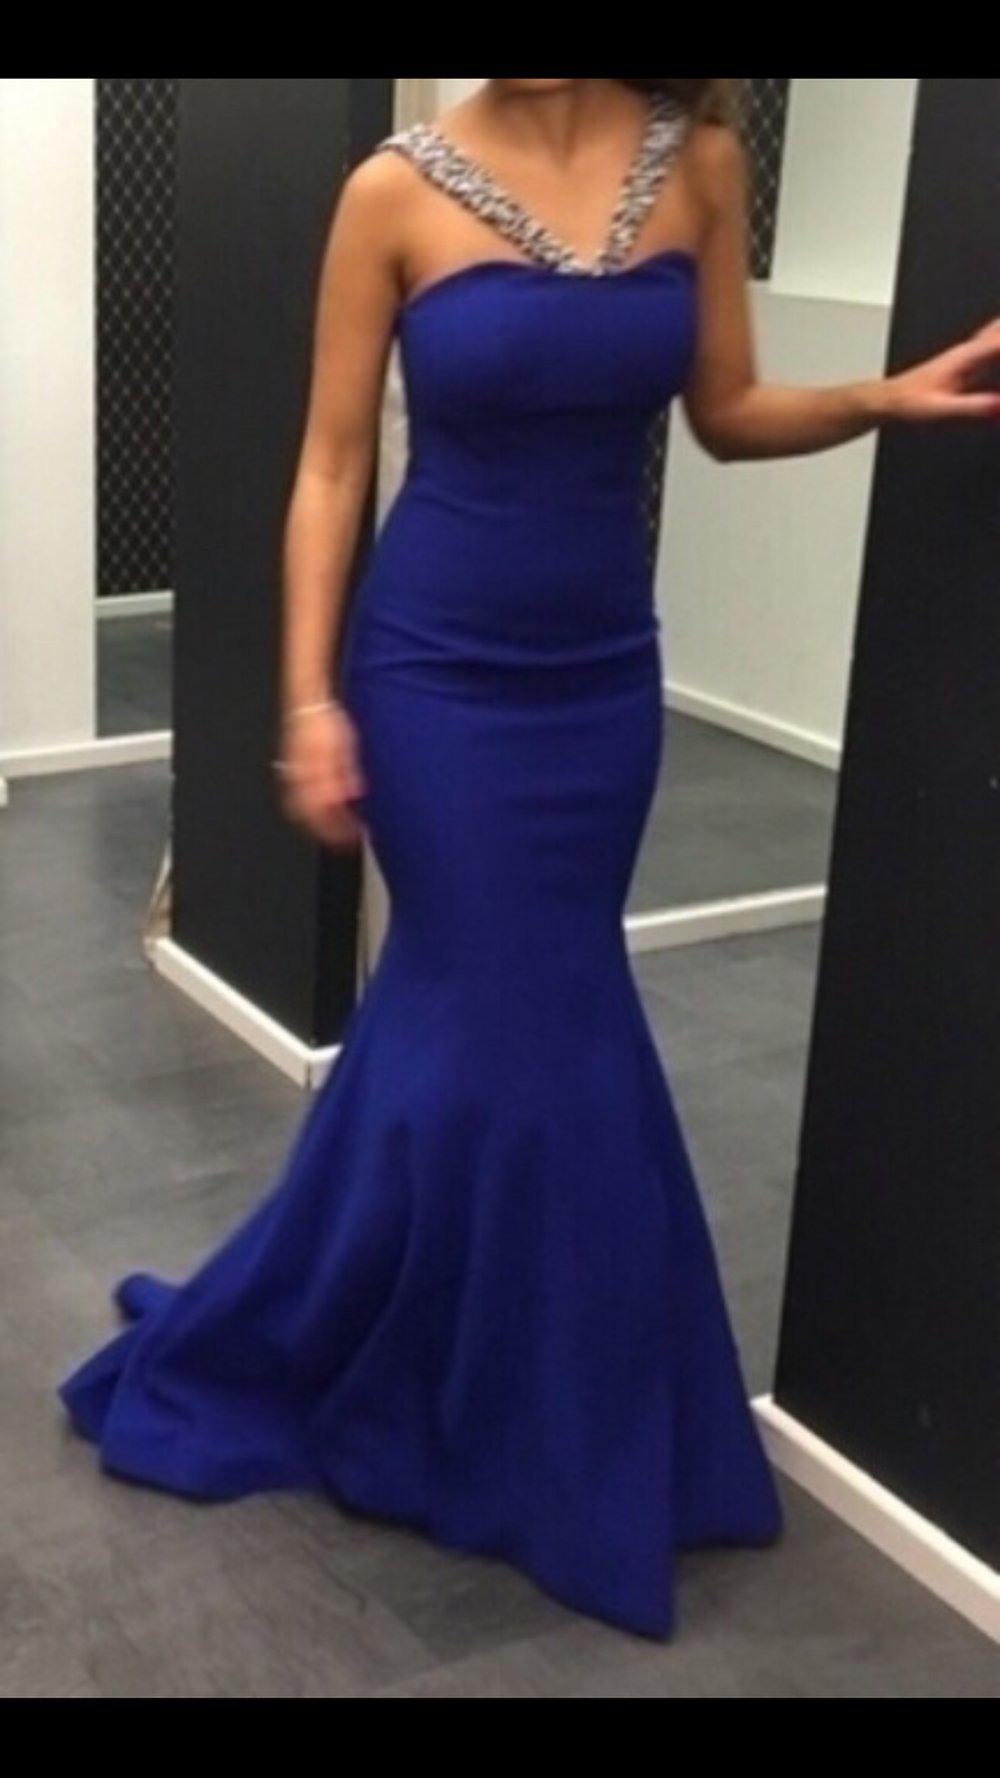 15 Schön Blaues Abendkleid VertriebFormal Erstaunlich Blaues Abendkleid Ärmel